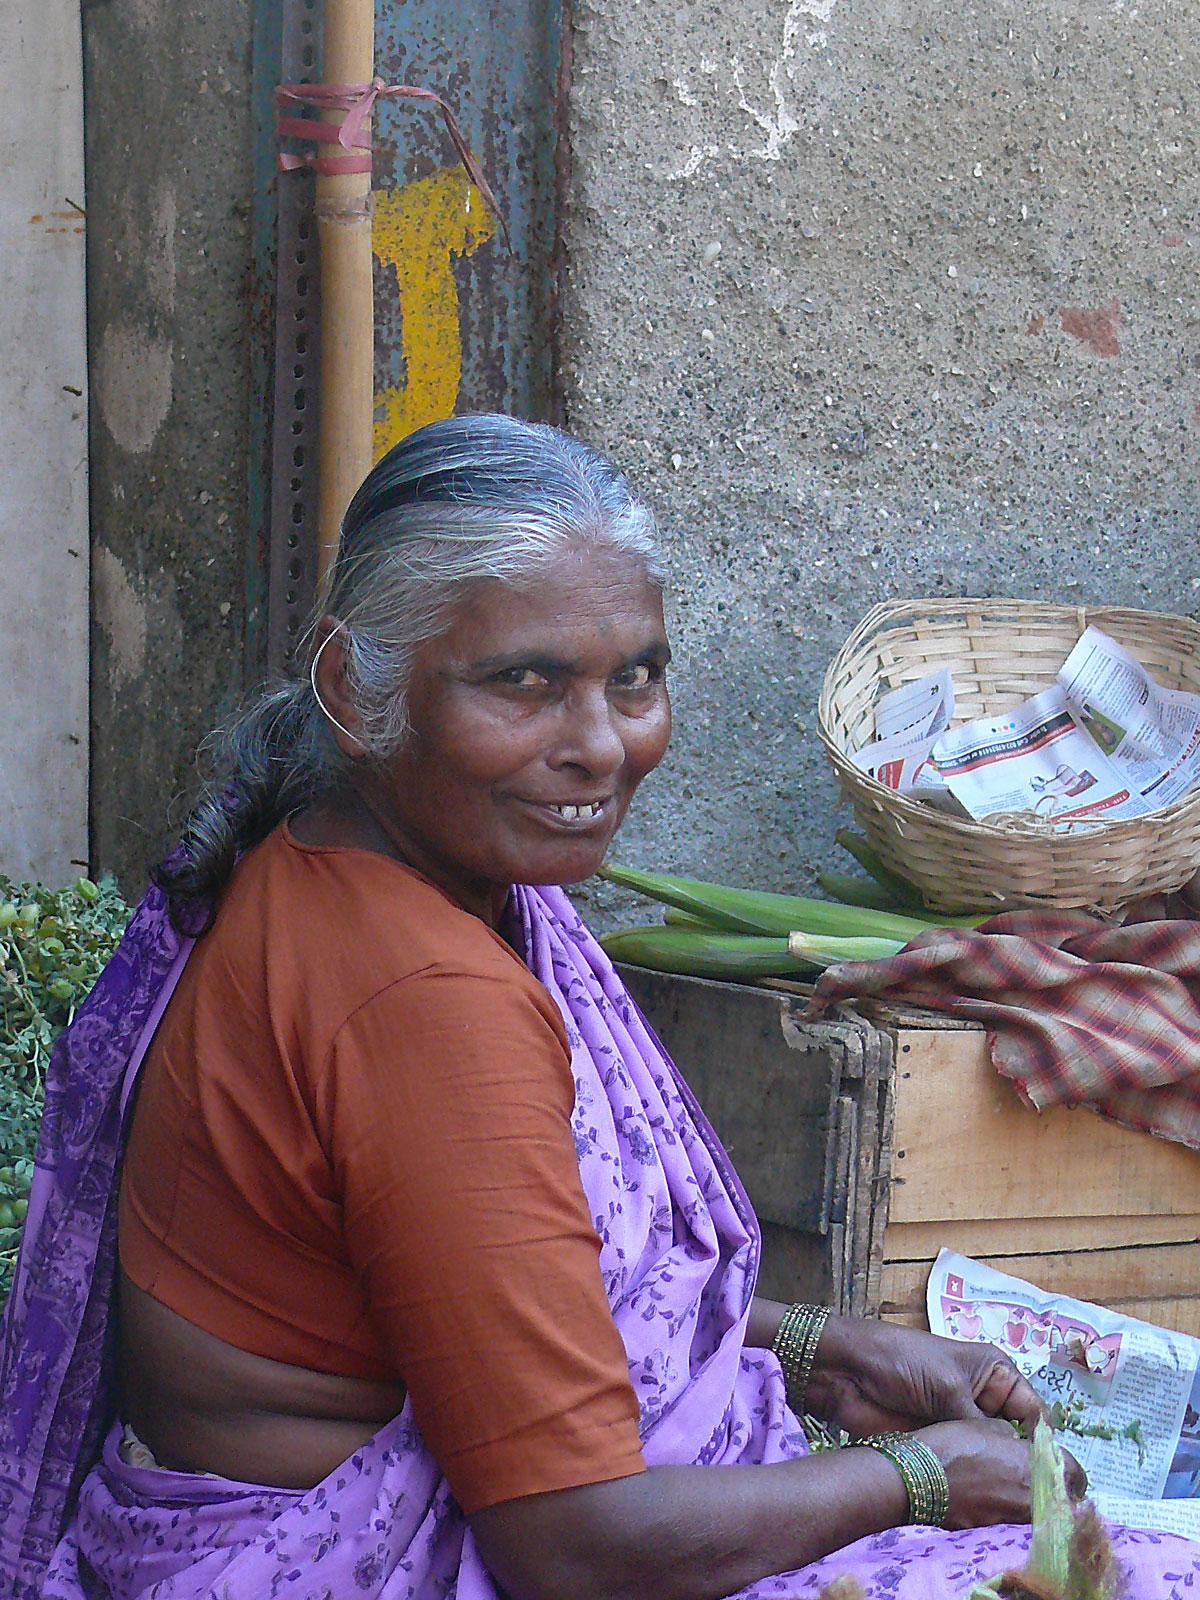 INDIEN MUMBAI Menschen Wohnen FINEST-onTour P1030460.jpg